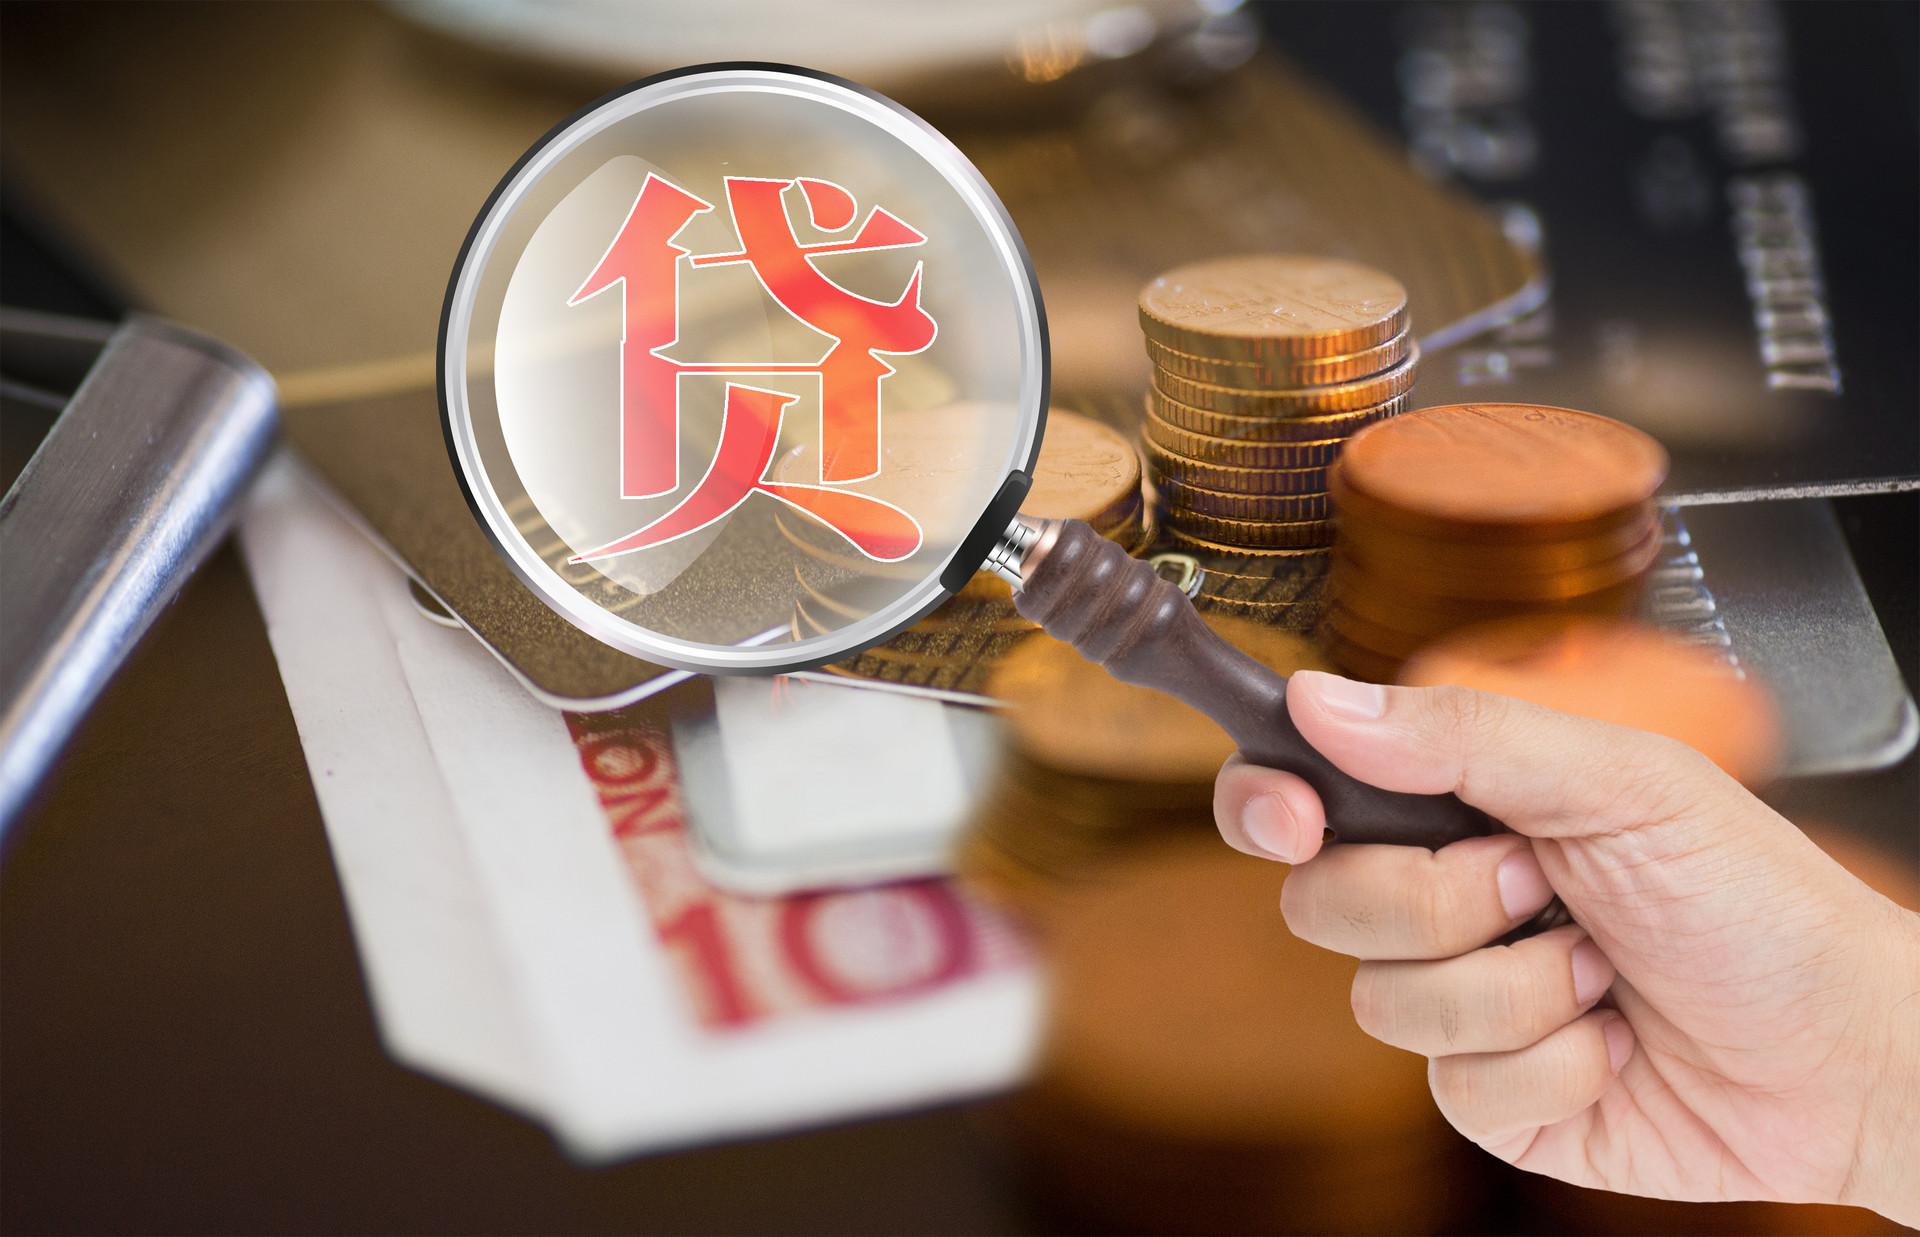 期房抵押贷款的法律规定有哪些,应注意哪些事项